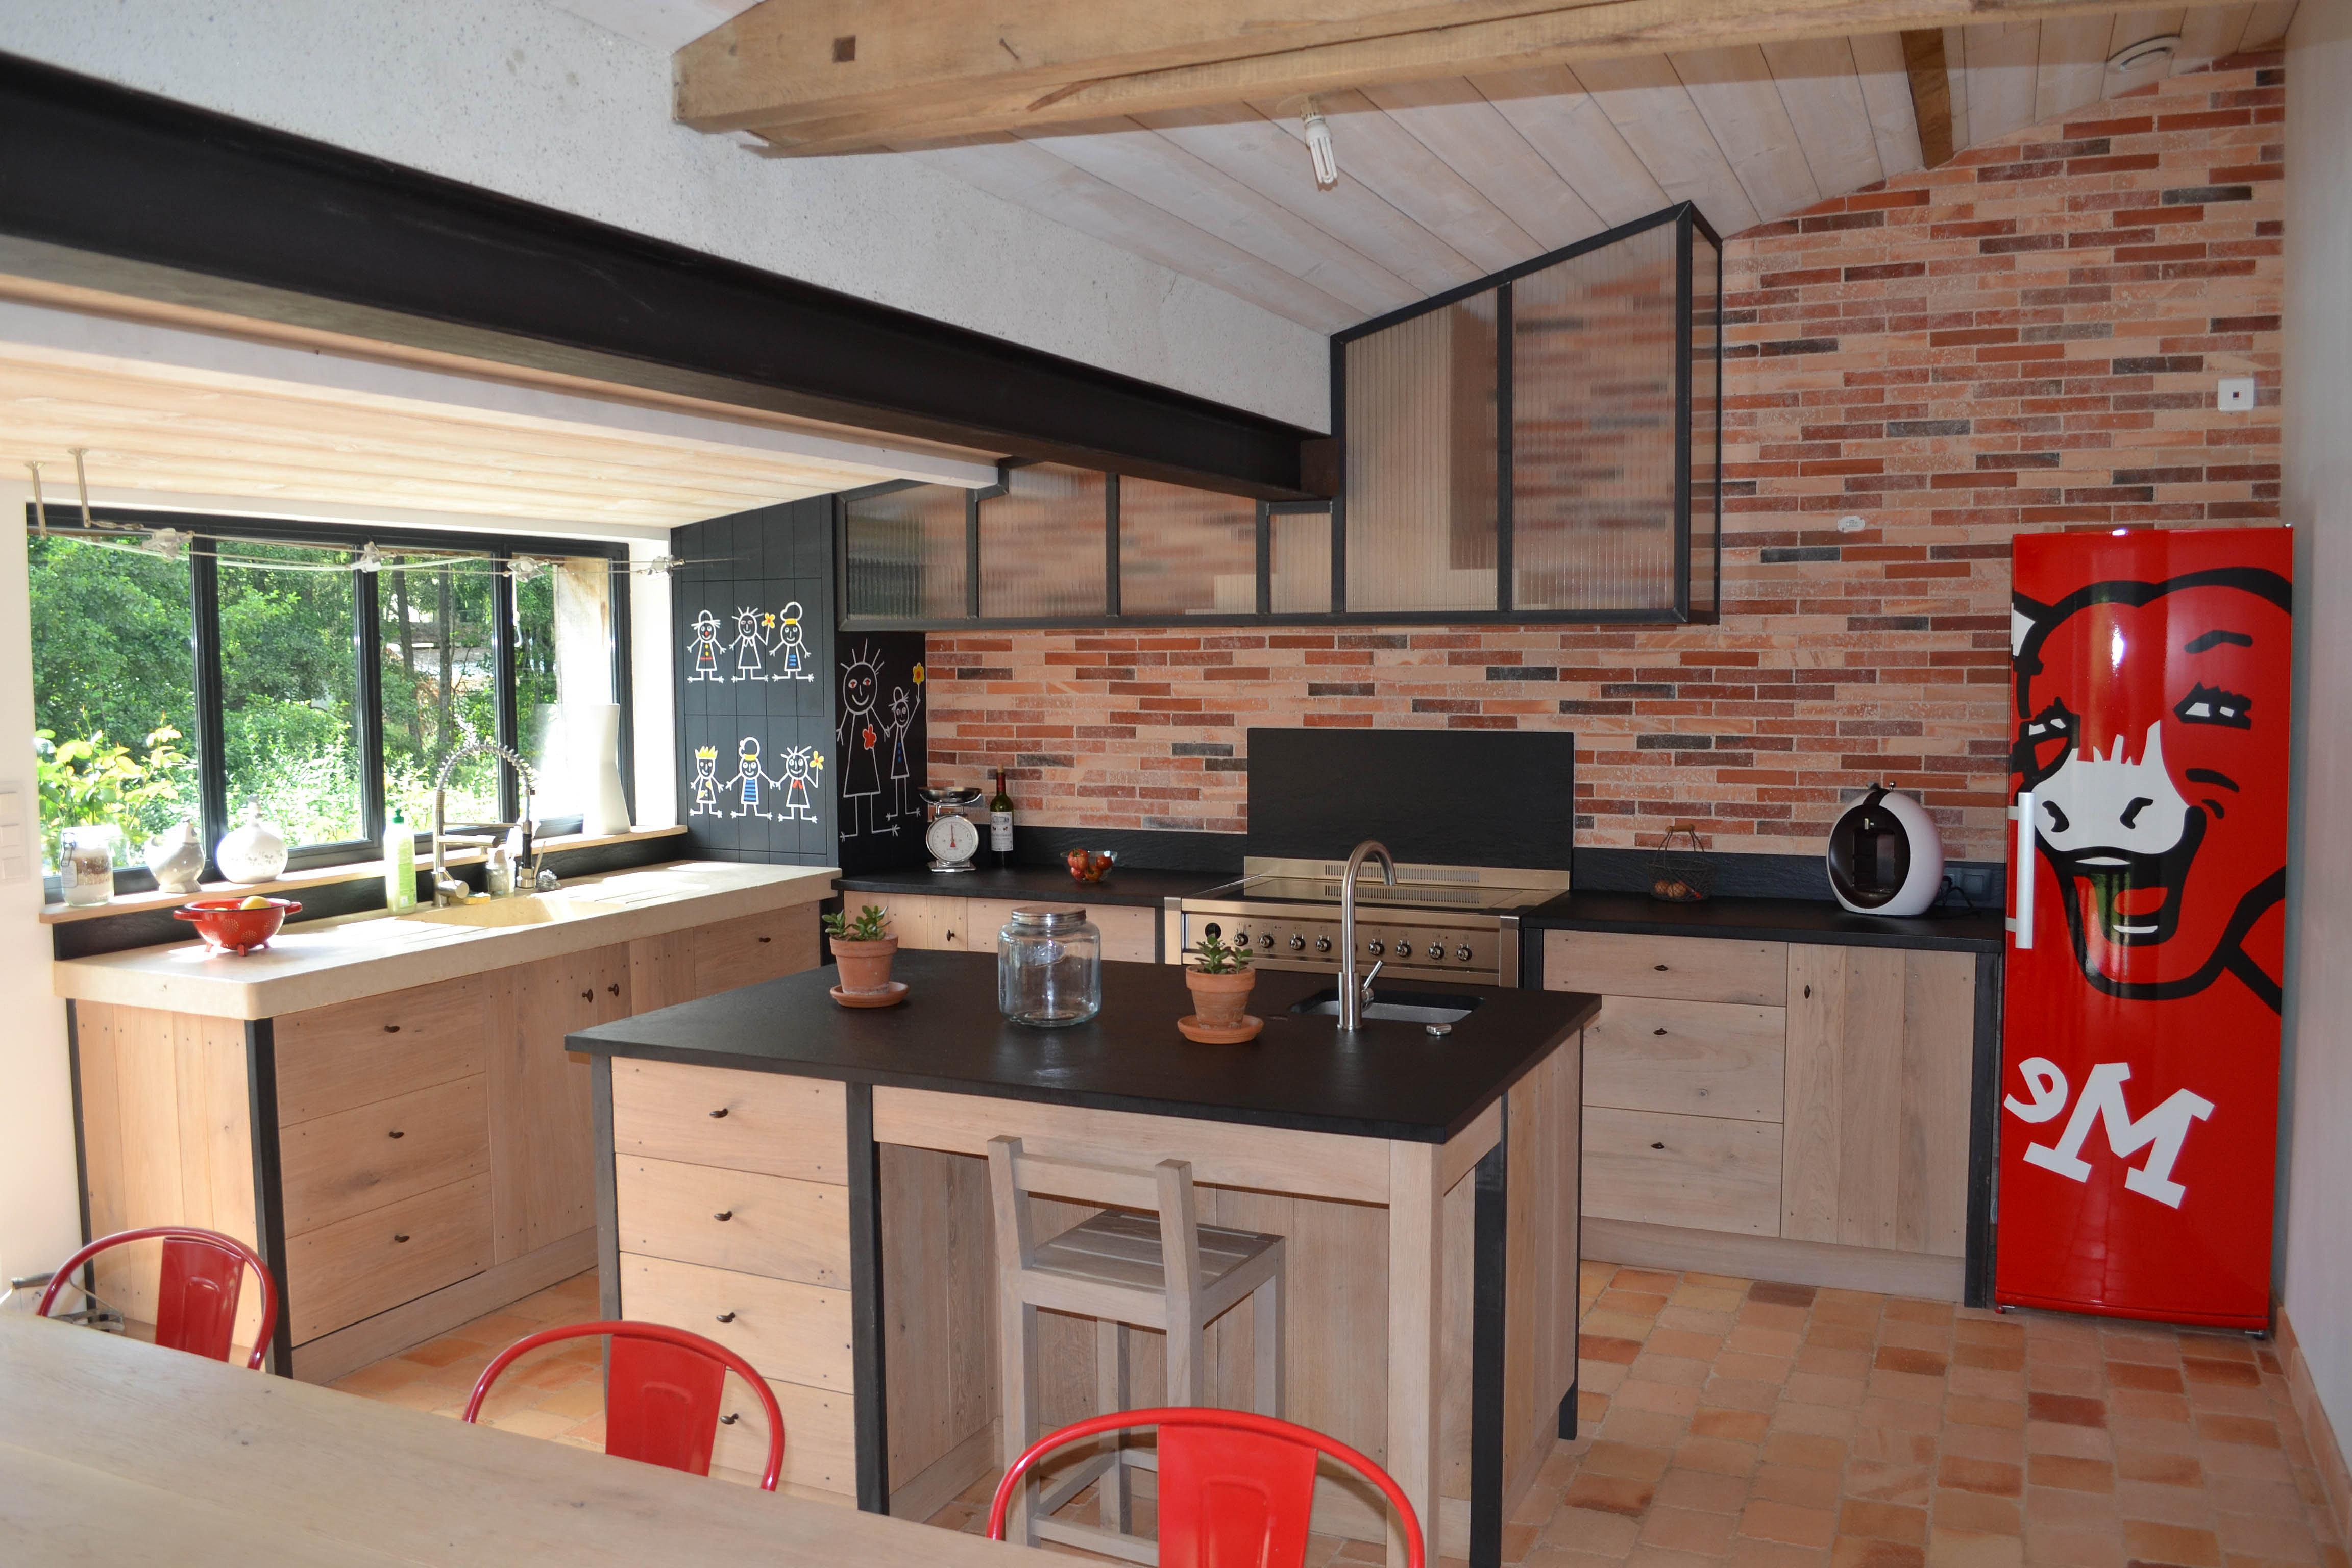 Chaillou hermouet ébéniste création meubles en bois vendée 85 ...